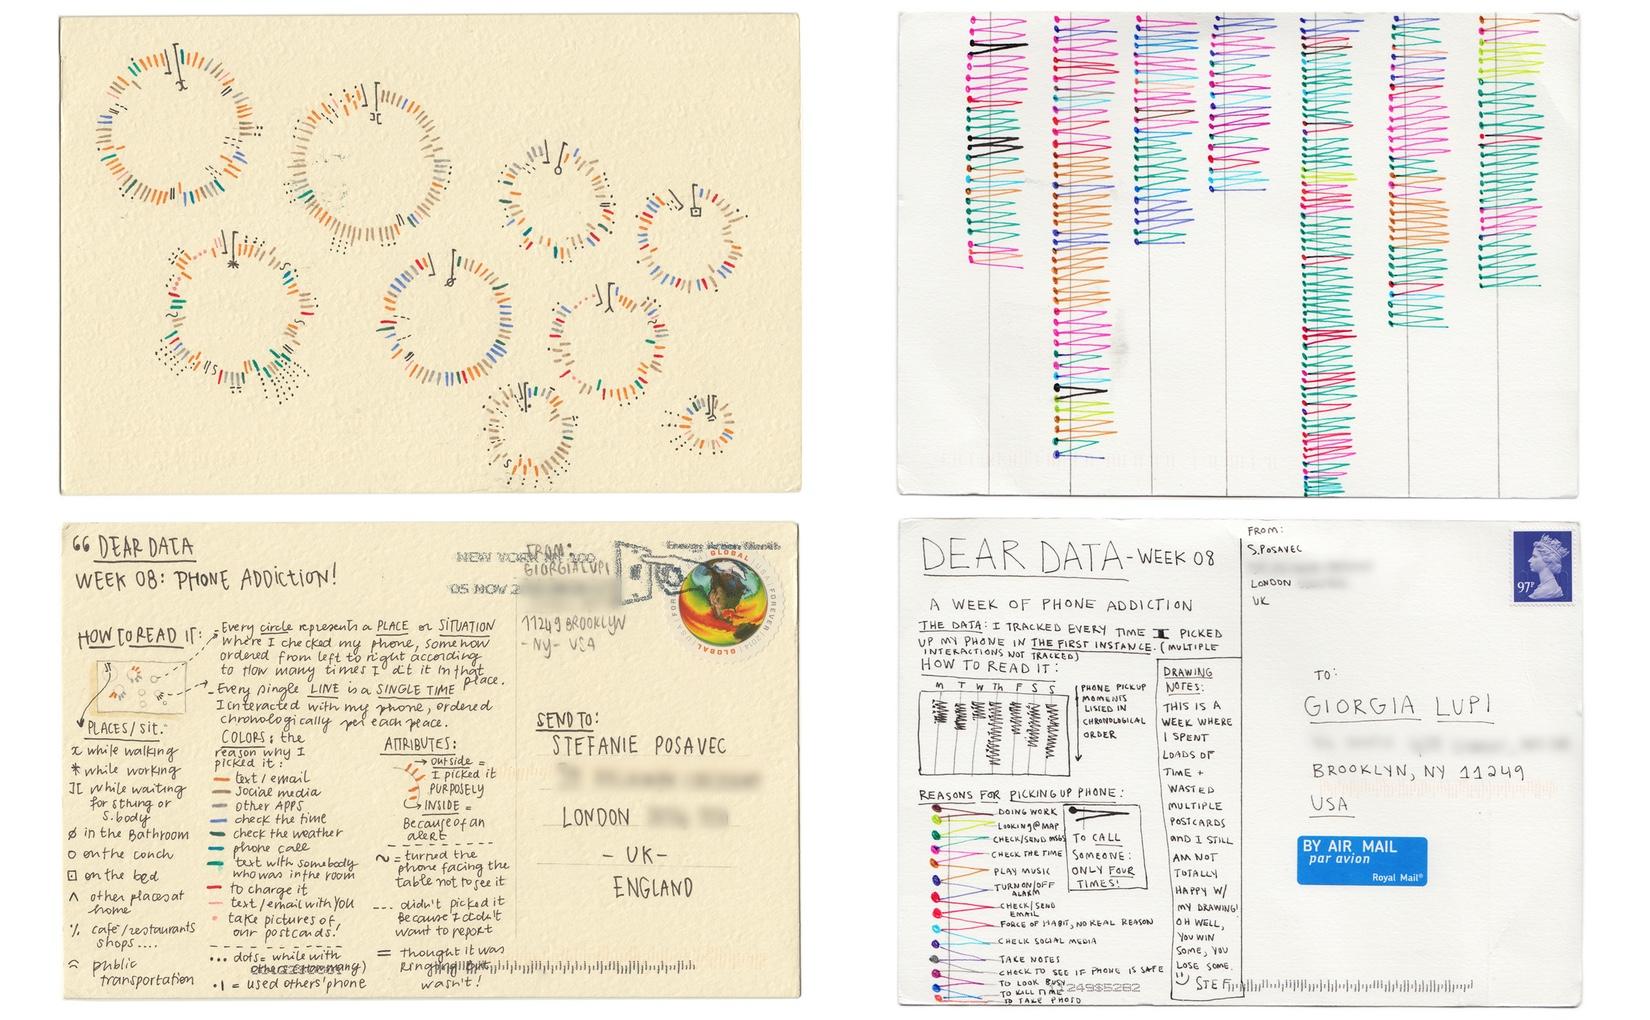 Link: Dear Data